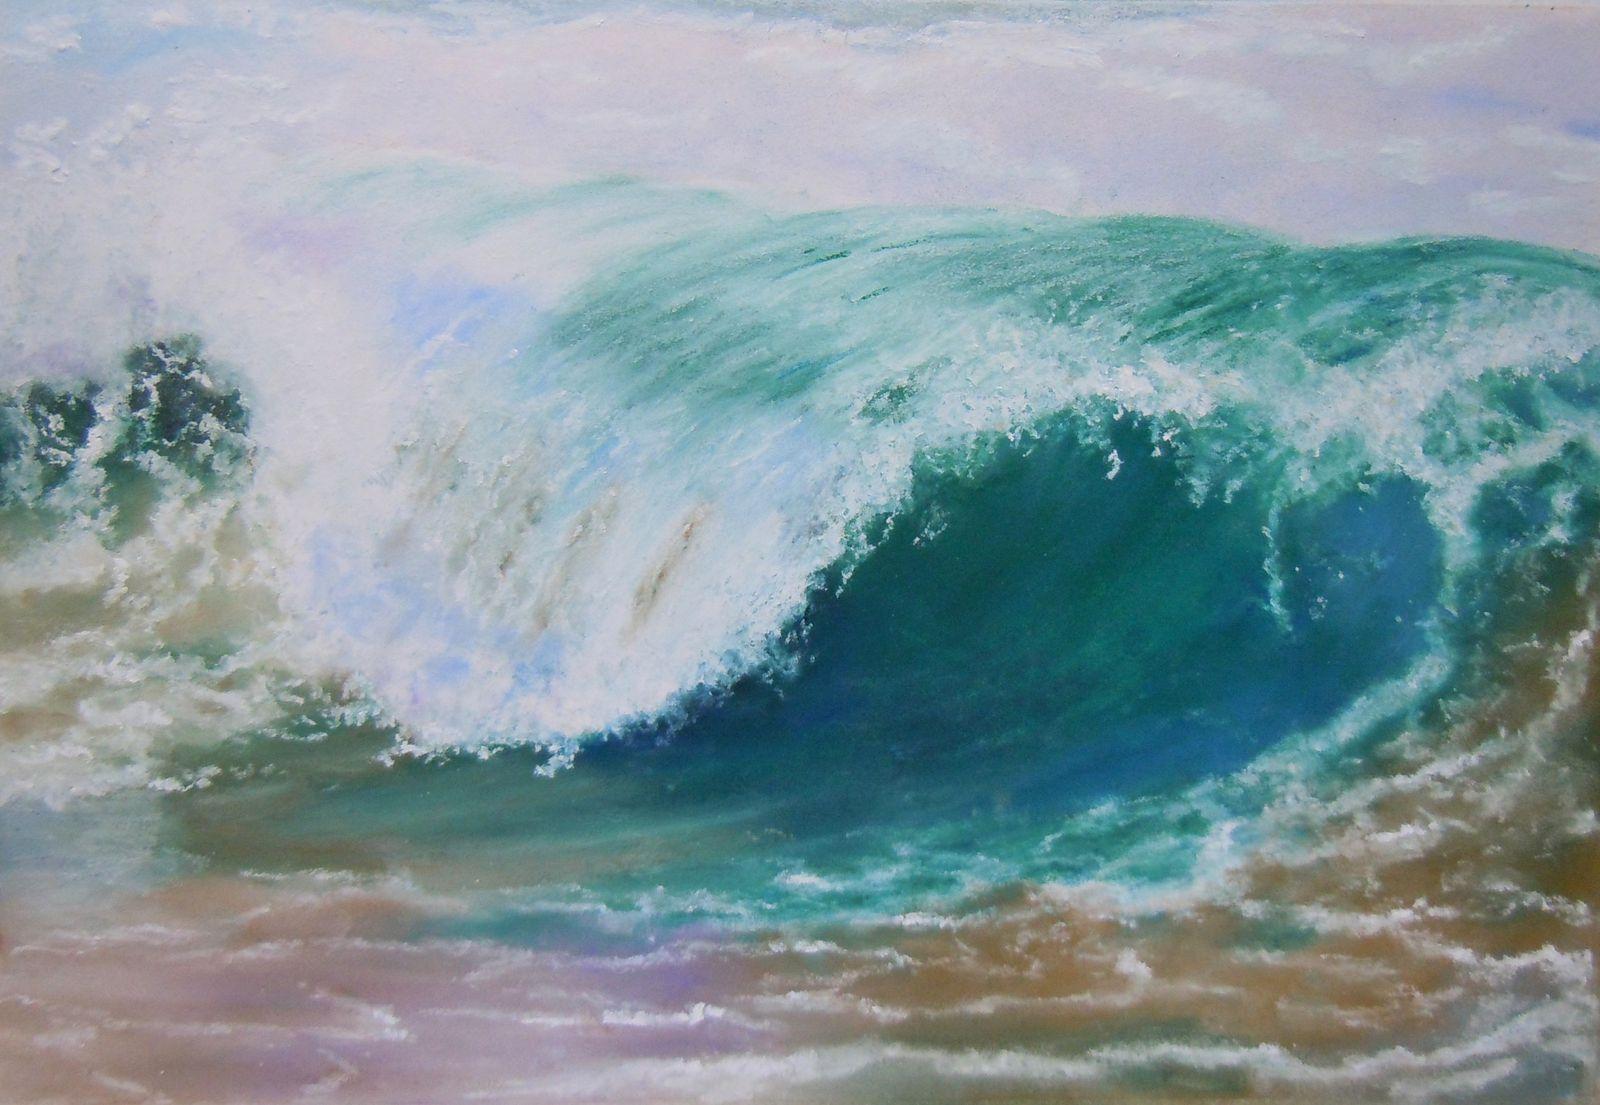 La vague pastel sec le blog agathe bonnet artiste - Dessin au pastel sec ...